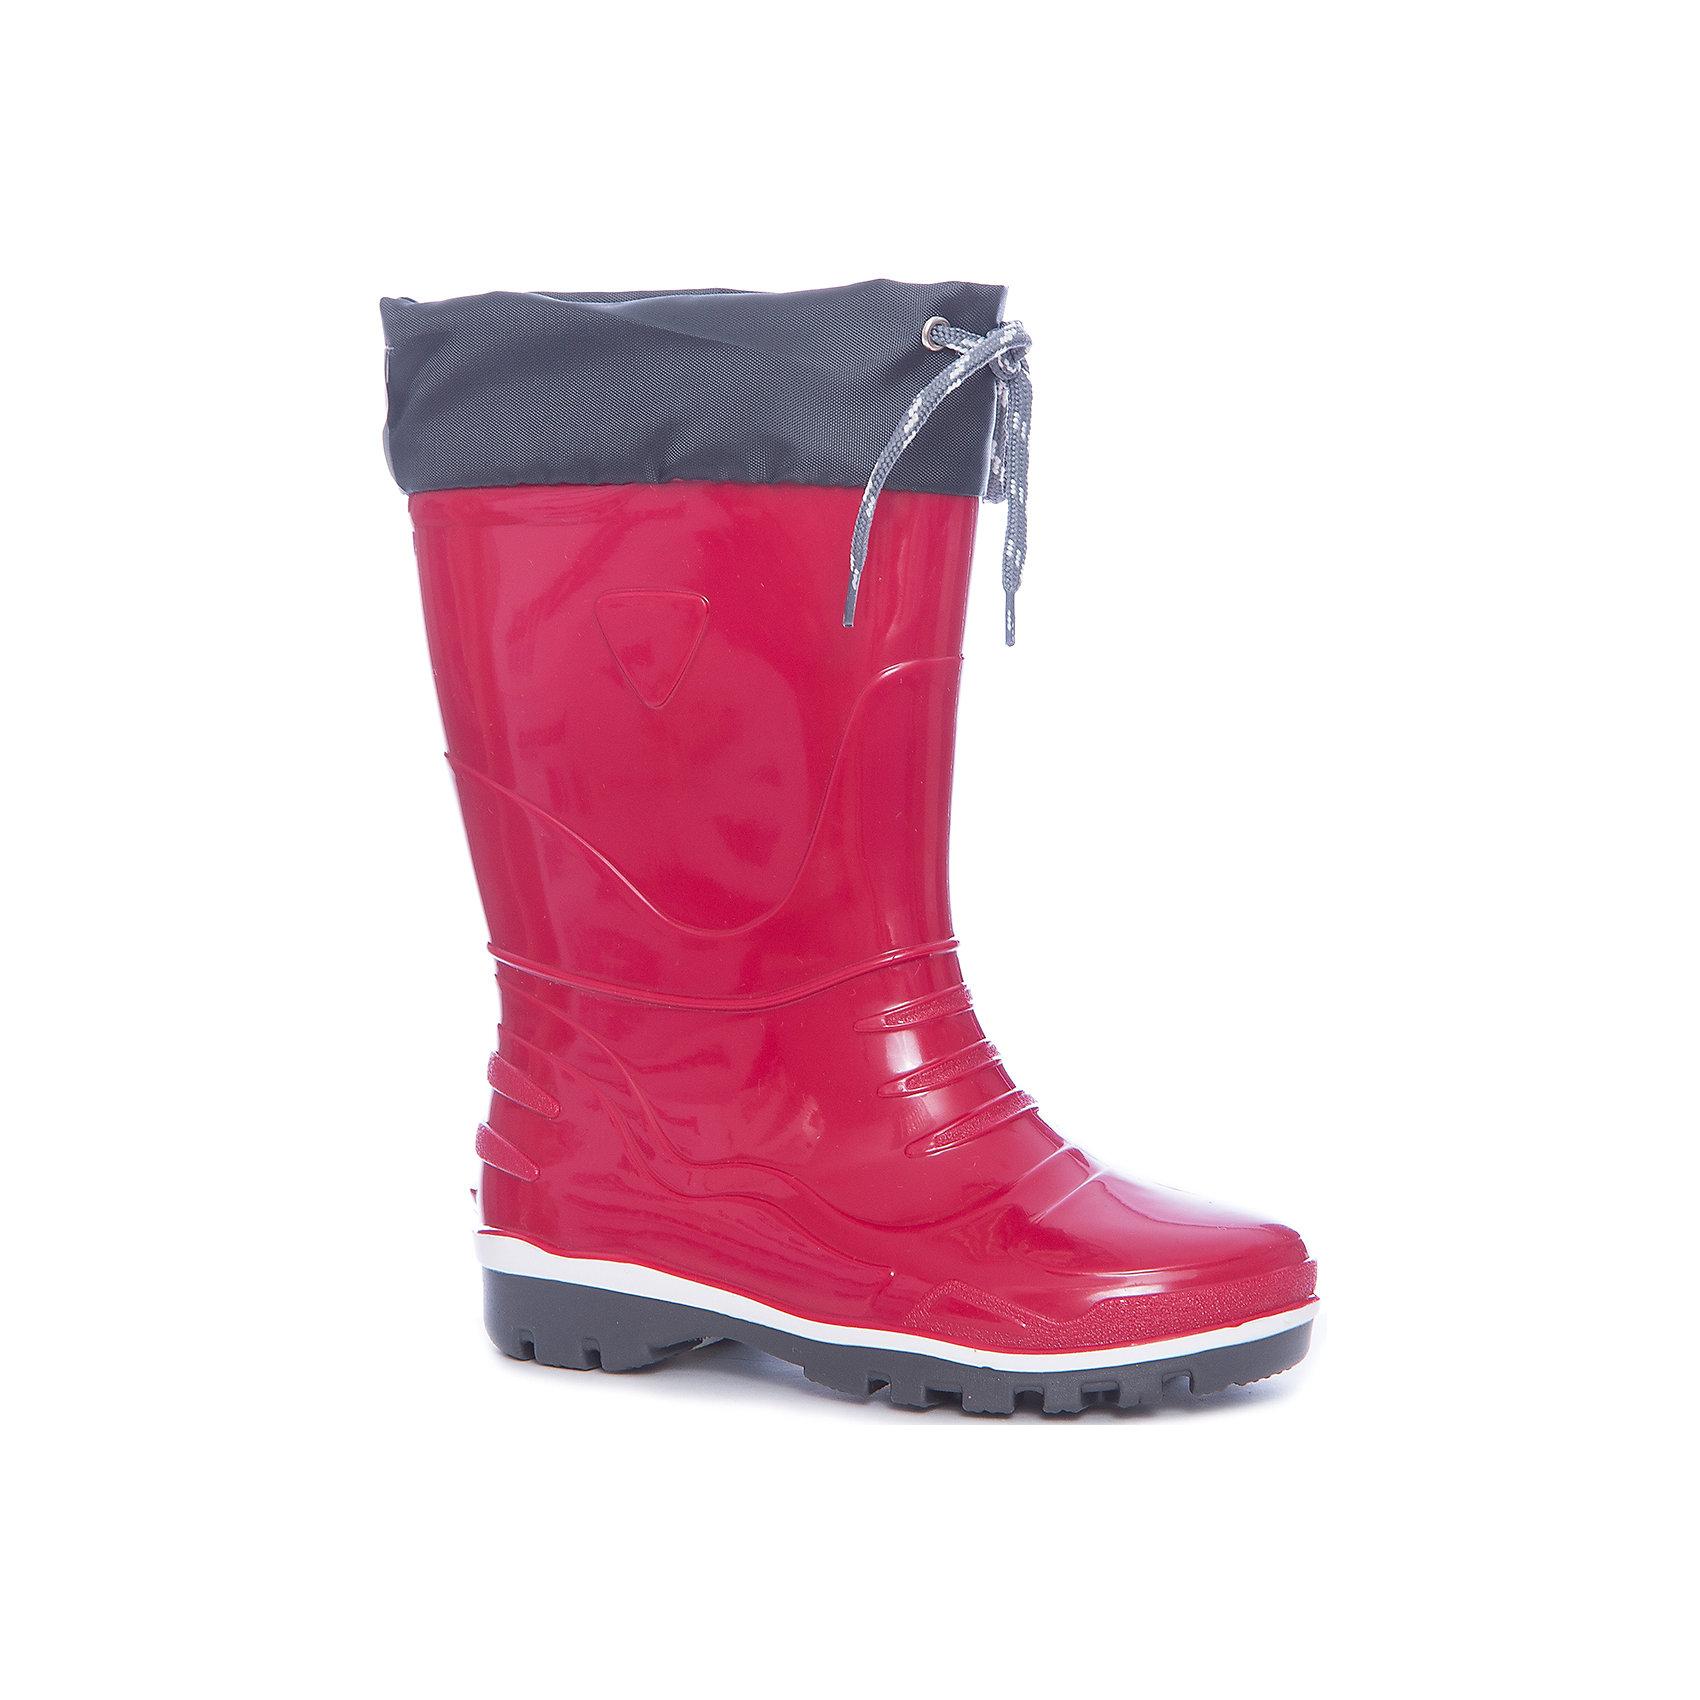 Резиновые сапоги  NordmanРезиновые сапоги<br>Характеристики товара:<br><br>• цвет: красный<br>• материал верха: ПВХ<br>• подклад: текстиль<br>• стелька: текстиль<br>• подошва: ПВХ<br>• сезон: лето, демисезон<br>• температурный режим: от +5 до +25<br>• сапожок не съемный<br>• непромокаемые<br>• подошва не скользит<br>• анатомические <br>• страна бренда: Россия<br>• страна изготовитель: Россия<br><br>Резиновые сапоги Nordman позволяют сохранить ноги в тепле и одновременно не дают им промокнуть. Такая обувь отлично подходит и для теплого лета и для слякоти в межсезонье. <br><br>Высокое голенище предотвращает попадание влаги или грязи в сапог. Толстая устойчивая подошва позволяет ребенку увереннее держать равновесие.<br><br>Резиновые сапоги Nordman (Нордман) можно купить в нашем интернет-магазине.<br><br>Ширина мм: 237<br>Глубина мм: 180<br>Высота мм: 152<br>Вес г: 438<br>Цвет: красный<br>Возраст от месяцев: 96<br>Возраст до месяцев: 108<br>Пол: Унисекс<br>Возраст: Детский<br>Размер: 32,33,34,35,27,28,29,30,31<br>SKU: 6867509